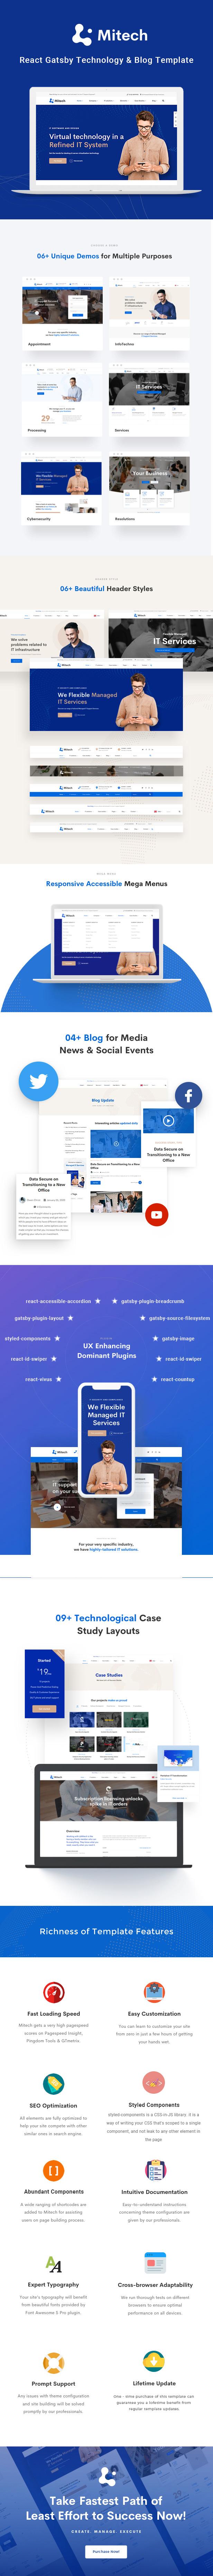 Mitech - React Gatsby Technology & Blog Template - 1